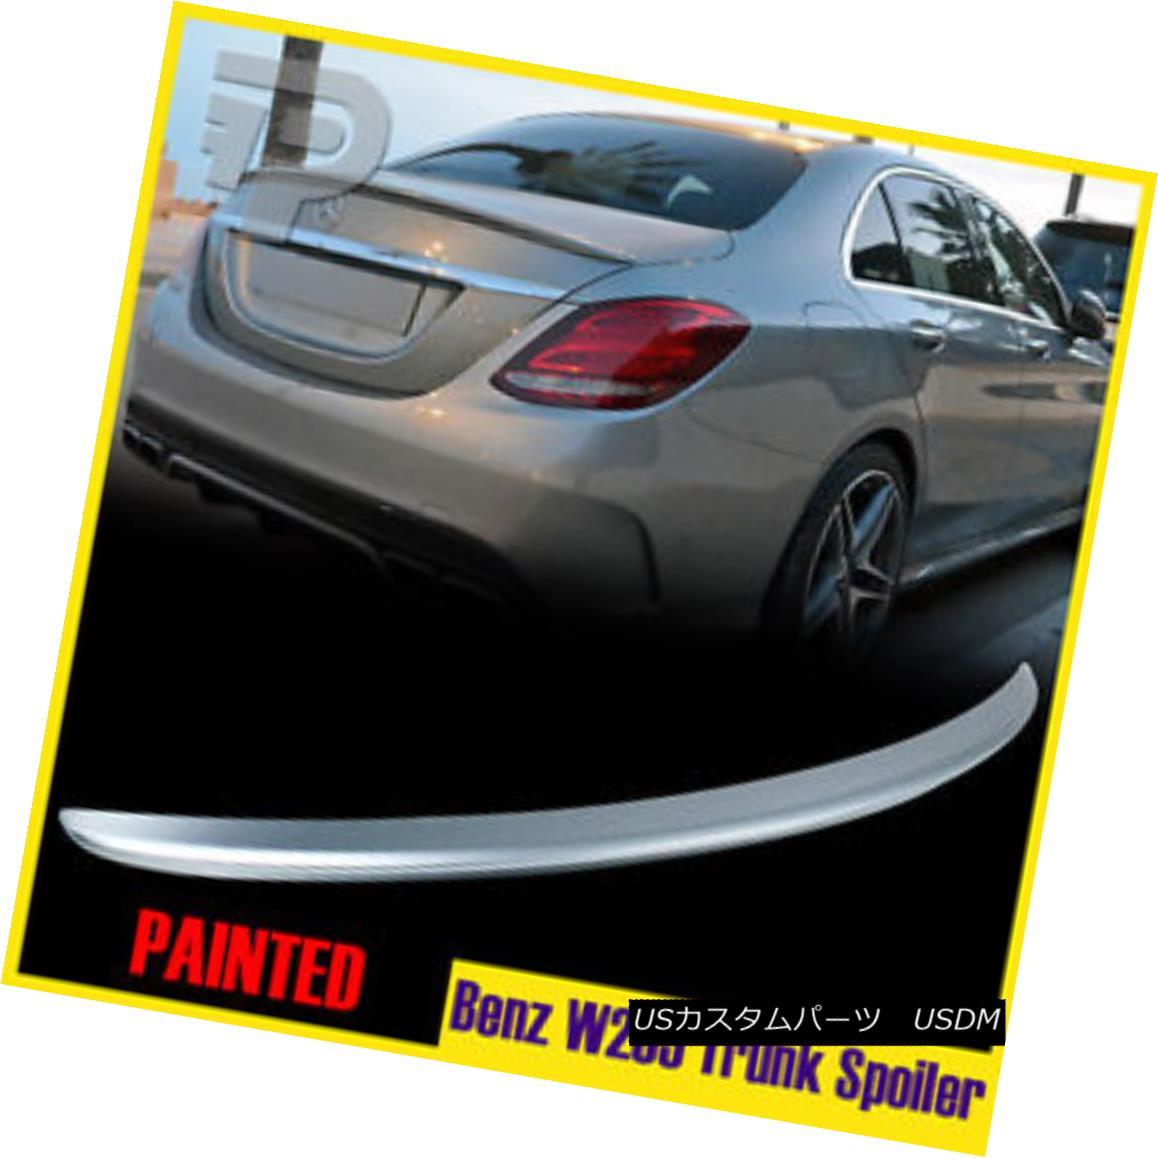 エアロパーツ Painted Mercedes Benz C-Class W205 Saloon C180 A Look Rear Boot Spoiler #988 塗装されたメルセデスベンツCクラスW205サルーンC180ルックリア・ブート・スポイラー#988